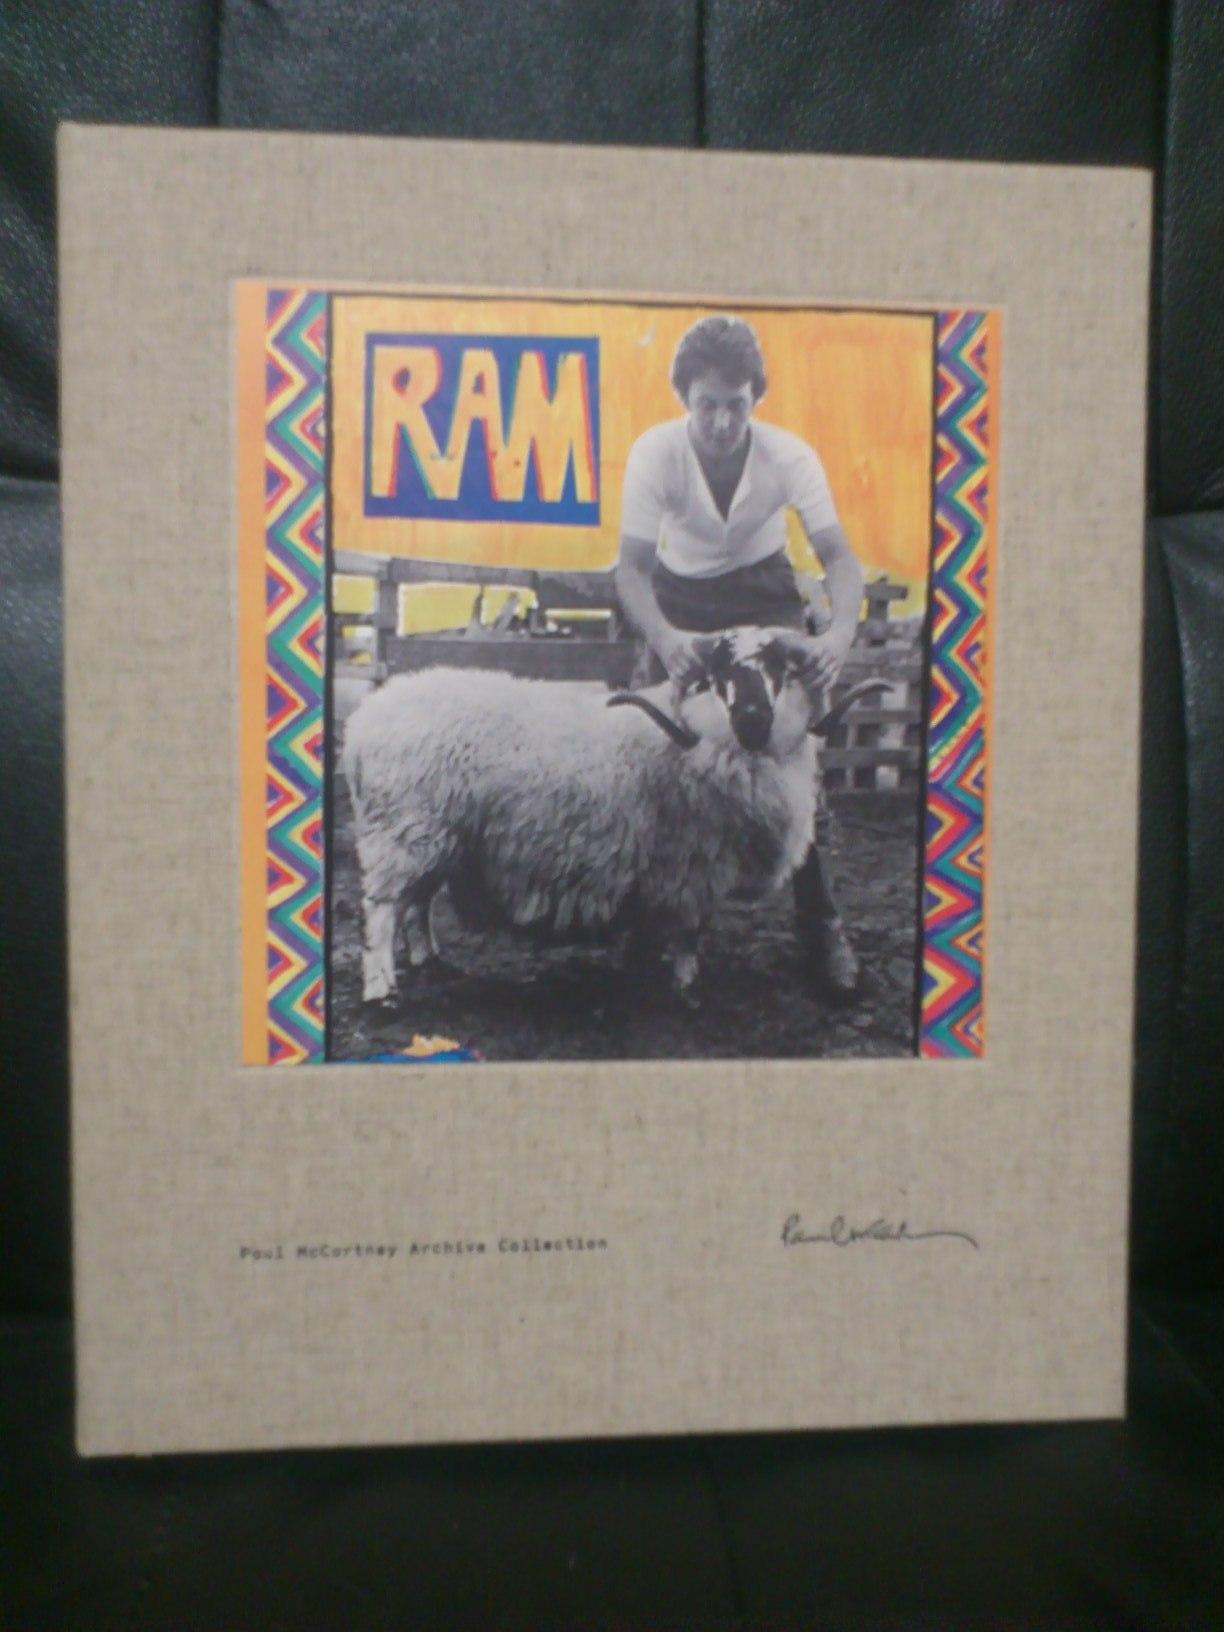 「ざまーみろ」 ポール・マッカートニー「RAM」再発売にあたって_a0189732_18392027.jpg